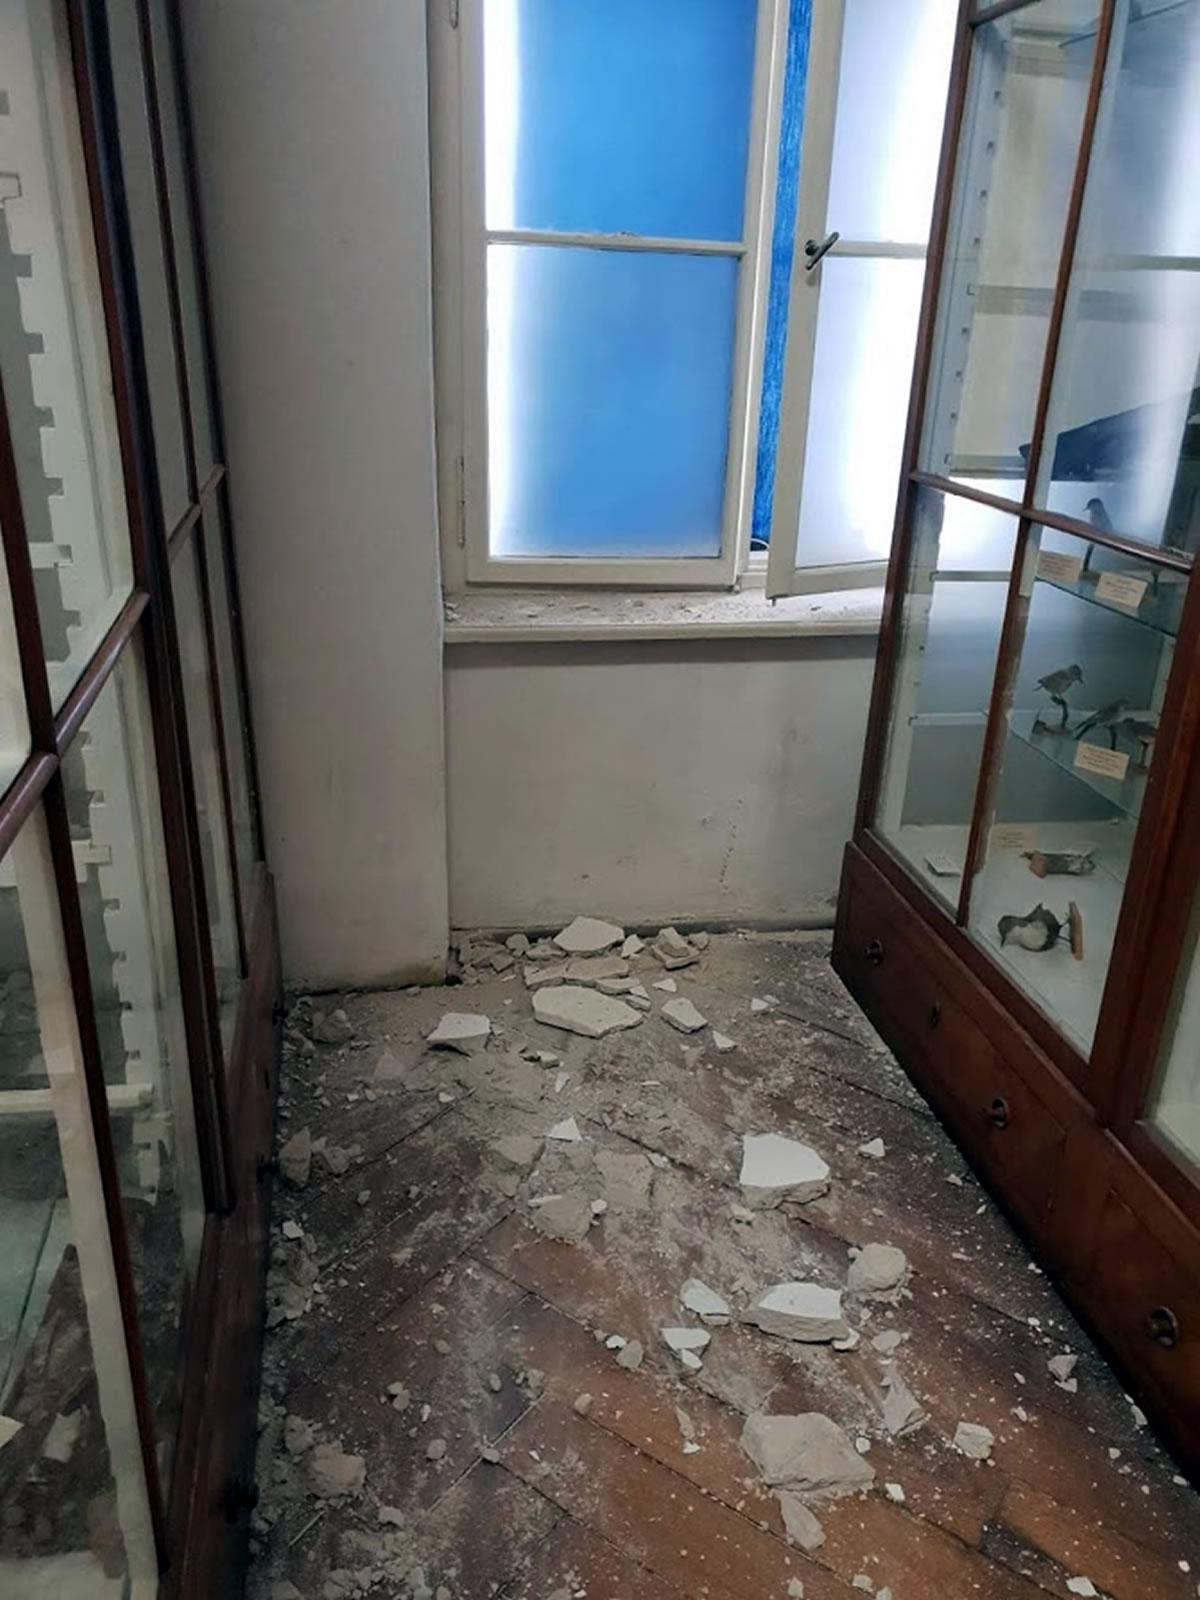 hrvatski prirodoslovni muzej - razbijene vitrine u potresu - 2020